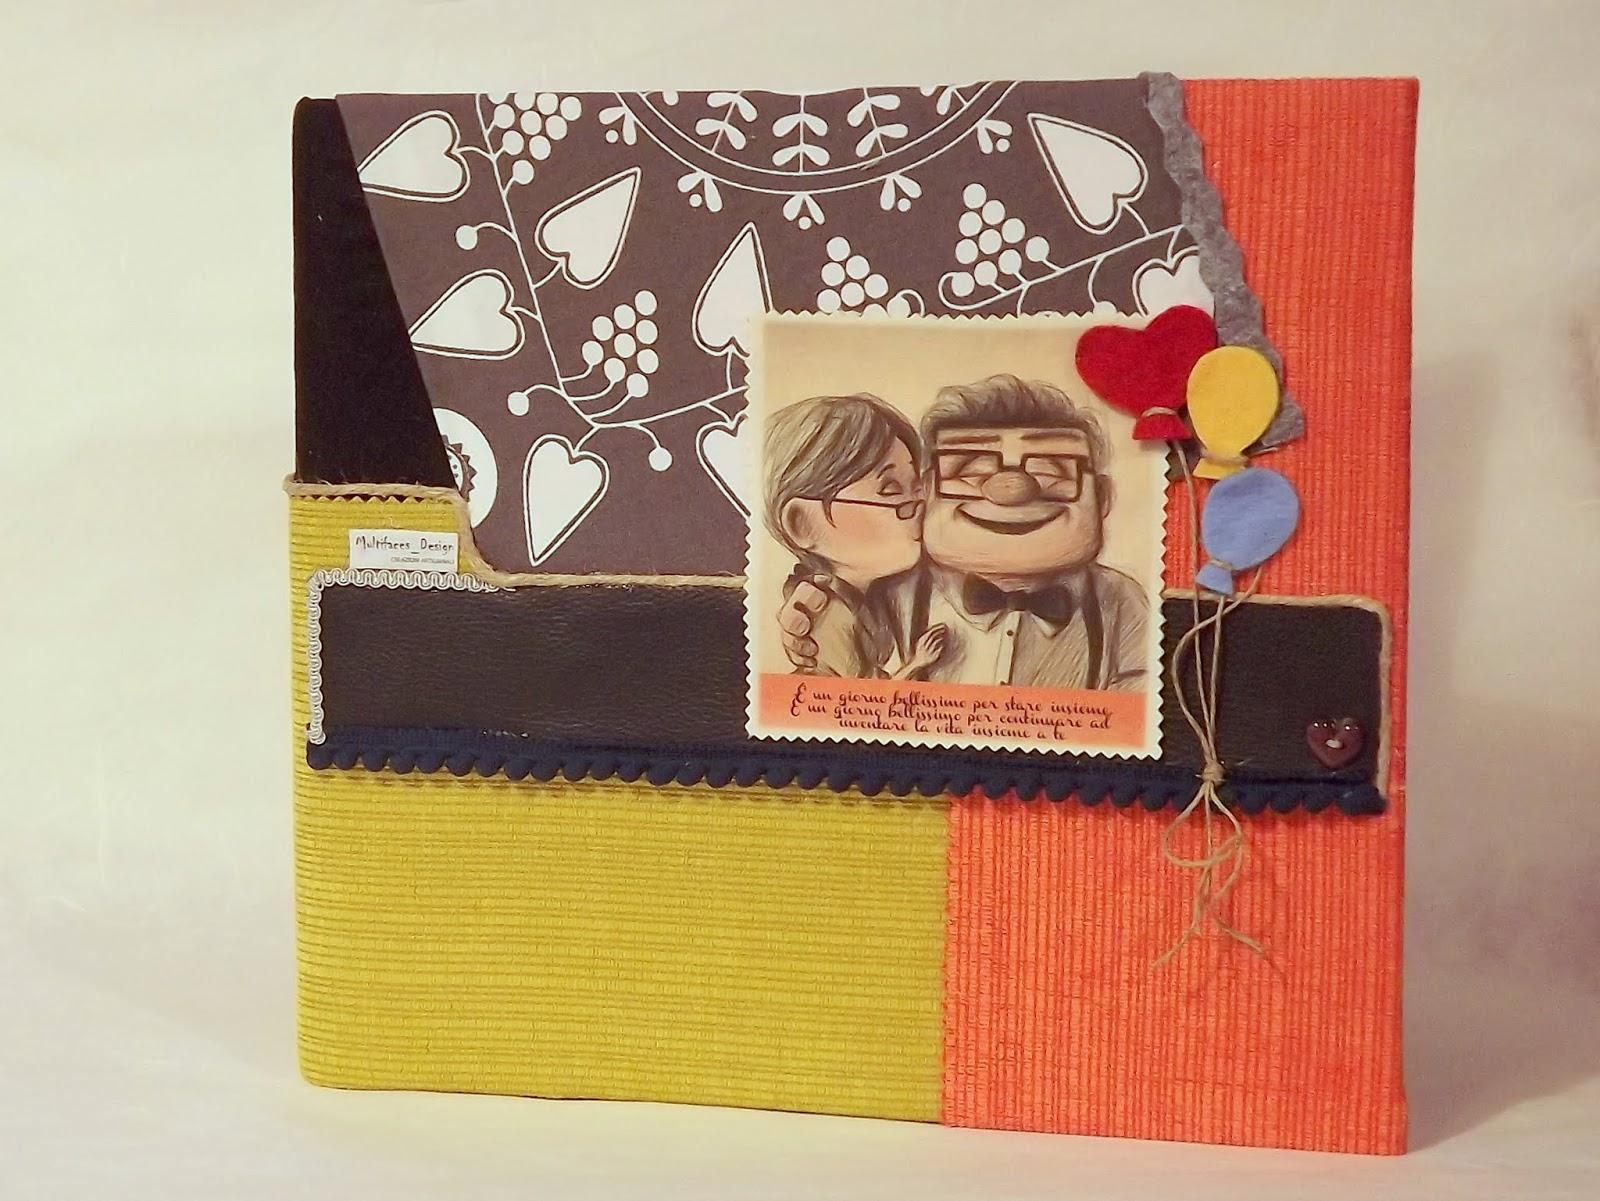 abbastanza creando: Idee per San Valentino: album fotografico BD27